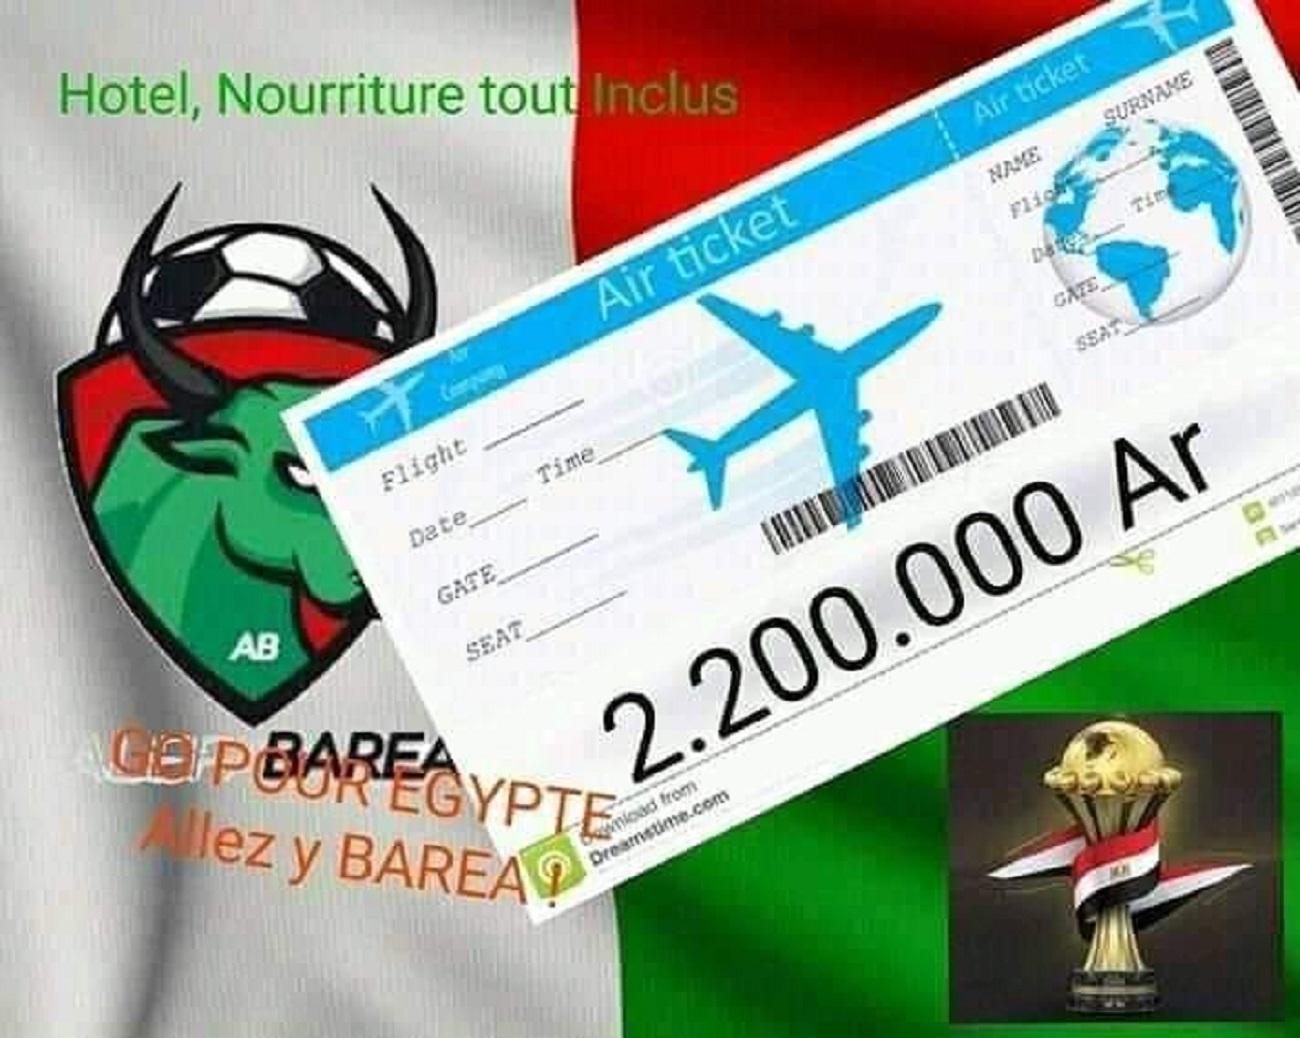 Un avion spécial à tarif réduit pour aller voir le match des Barea en Egypte